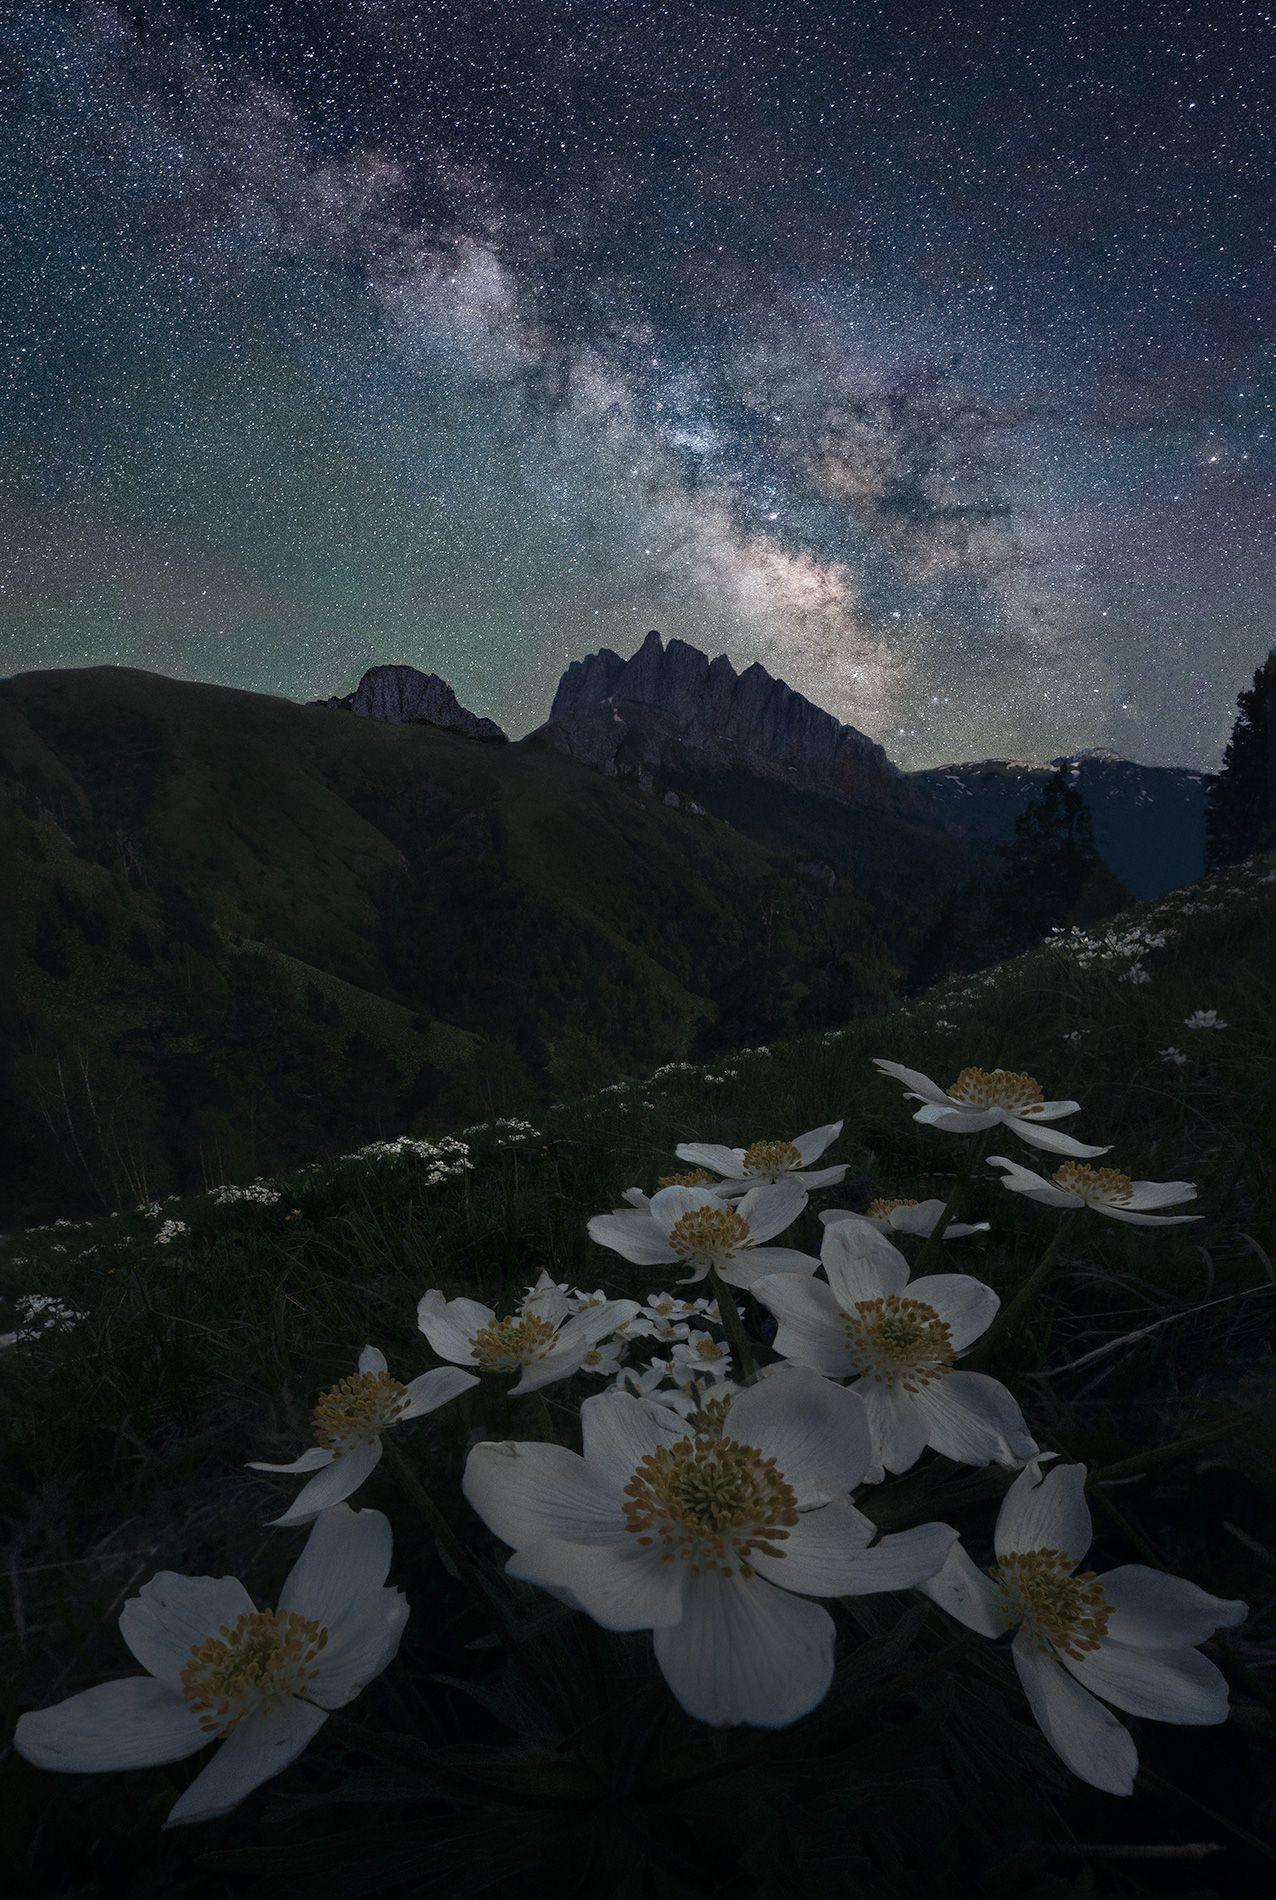 горы, ночь, пейзаж, кавказ, ачешбоки, млечный путь, Дударев Александр